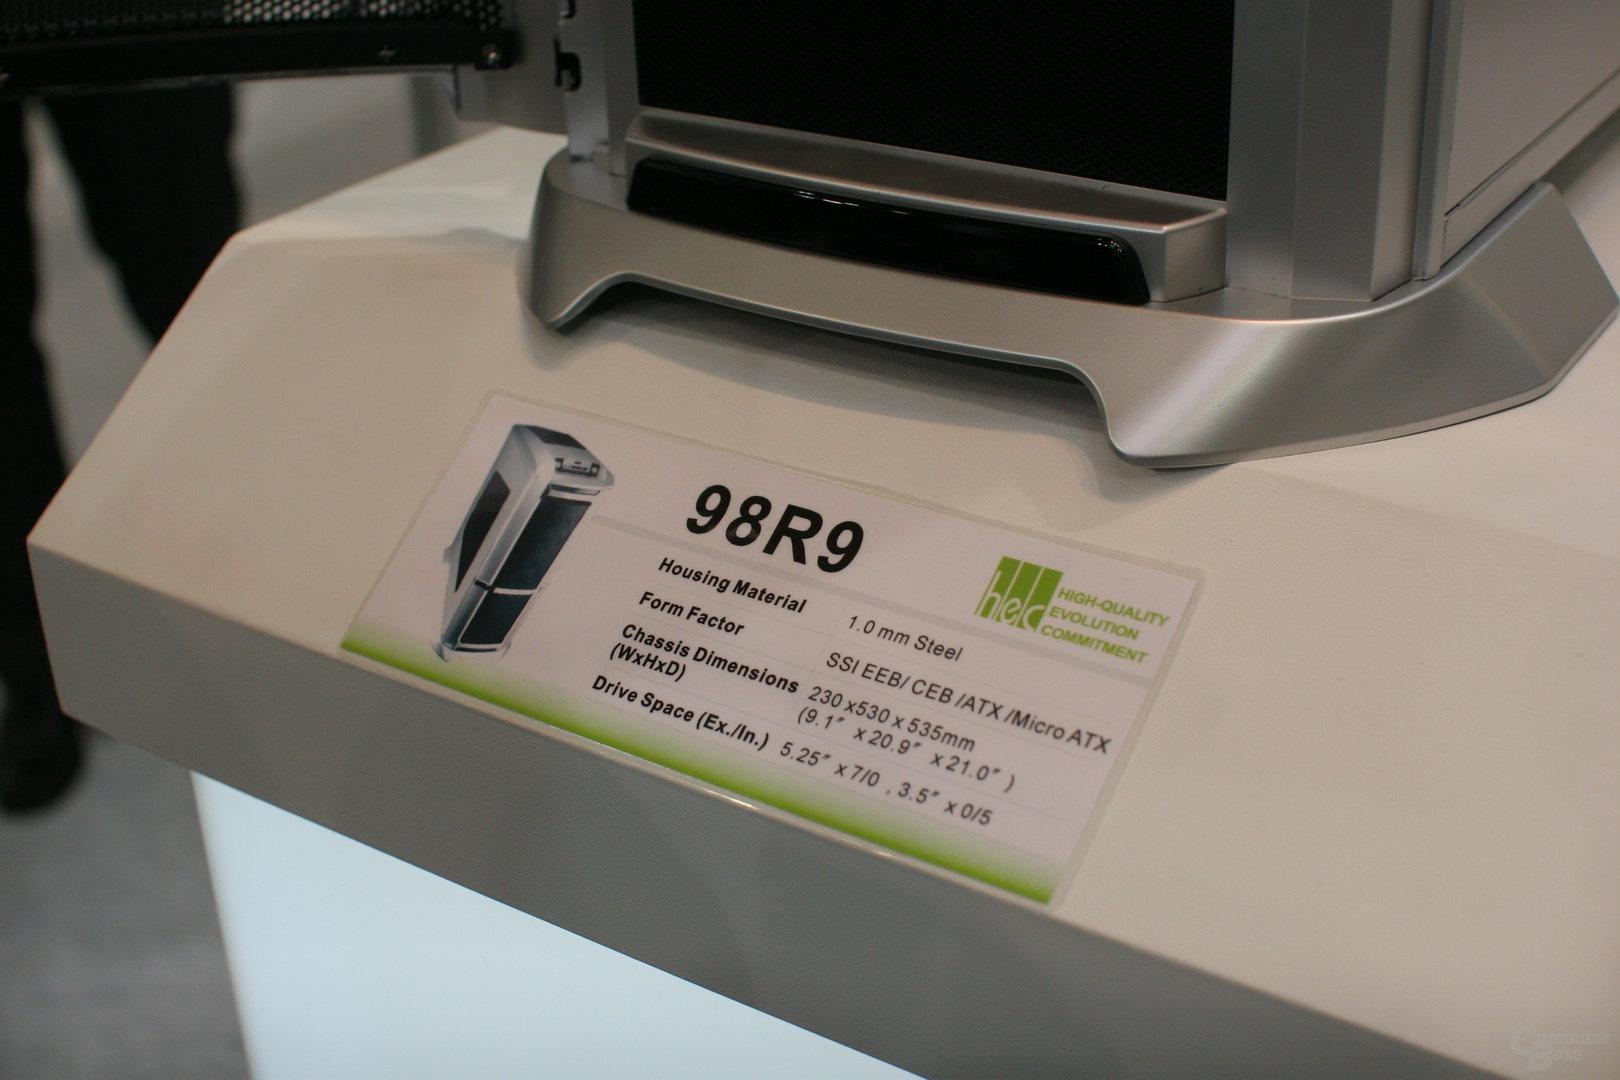 HEC Compucase 98R9